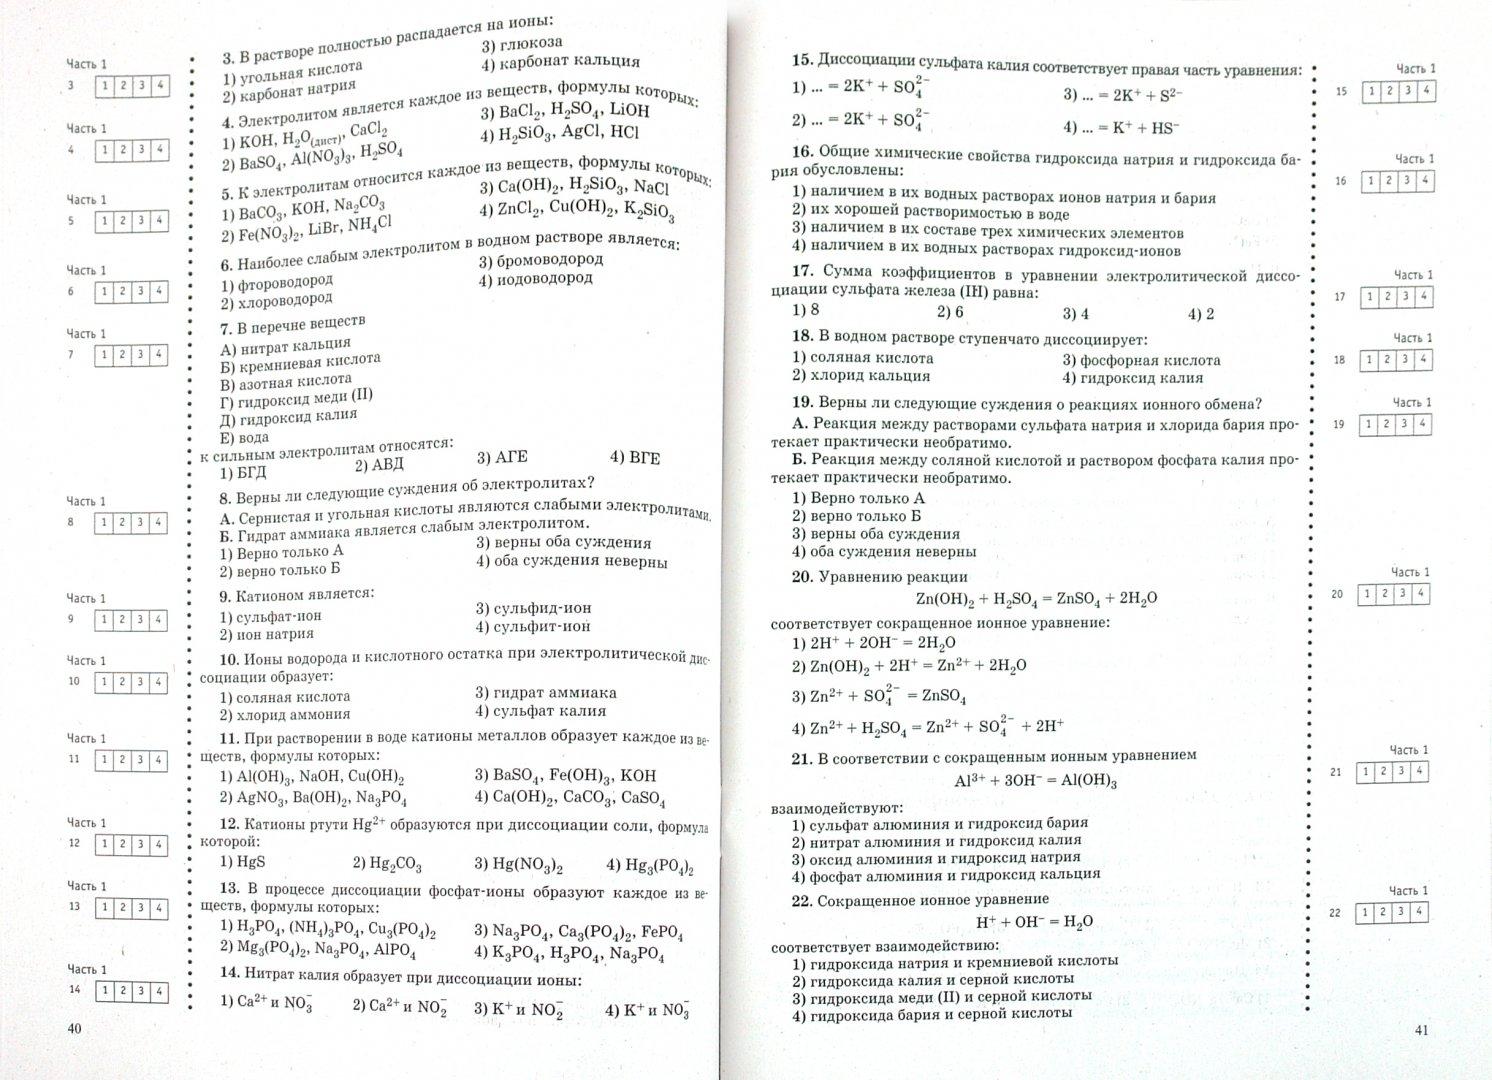 Иллюстрация 1 из 6 для Химия: Рабочая тетрадь. Тематические тренировочные задания уровней А, В, С для подготовки к ГИА - Яшукова, Корощенко | Лабиринт - книги. Источник: Лабиринт